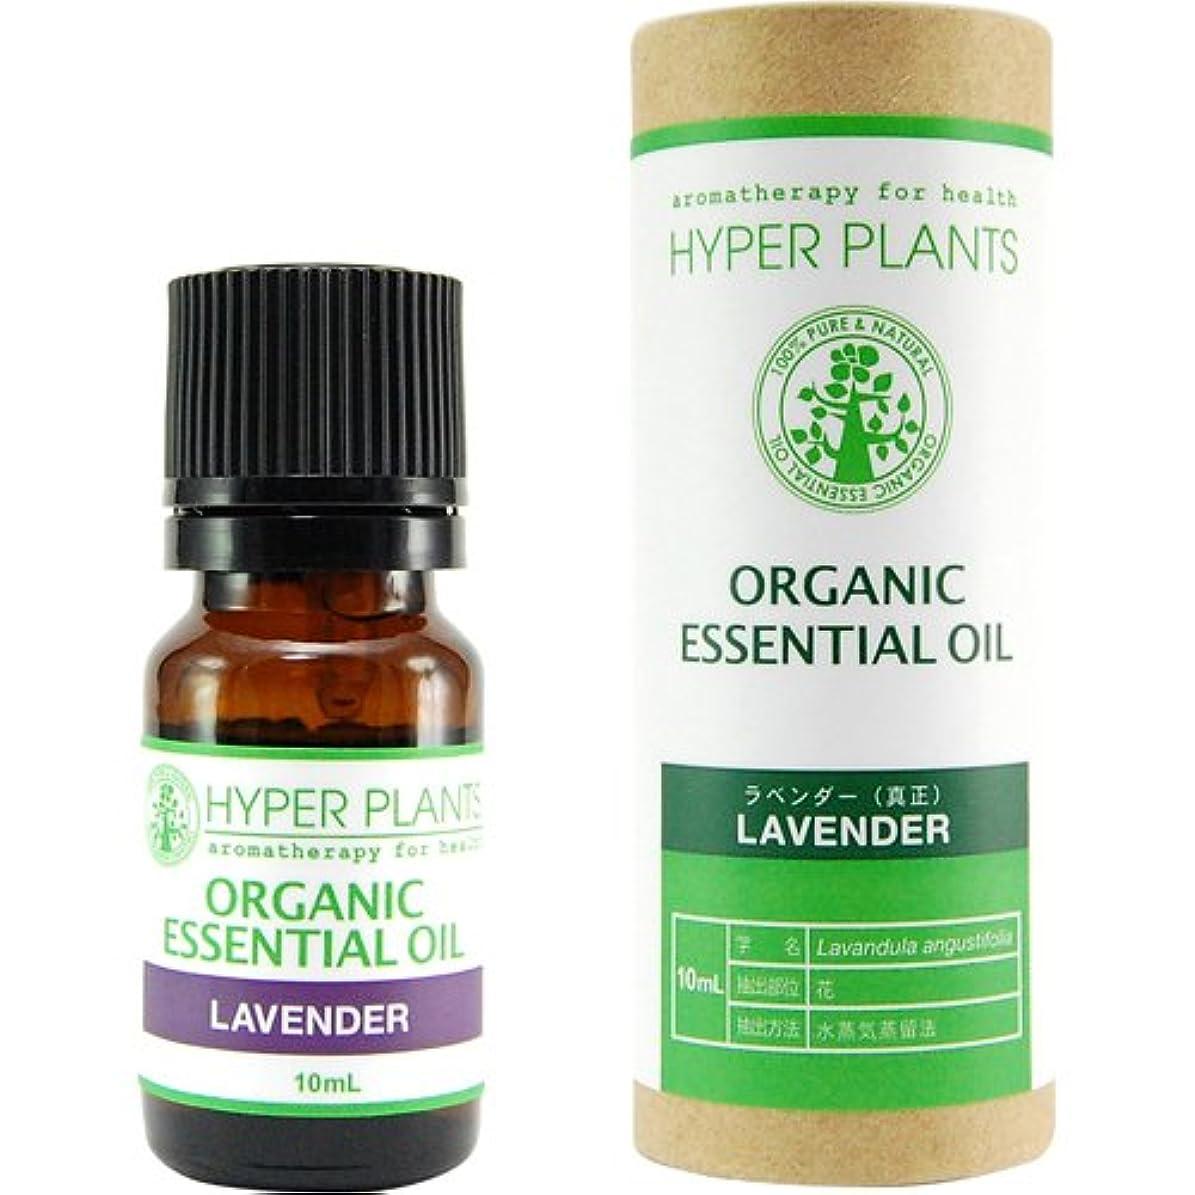 低下レガシー安らぎHYPER PLANTS ハイパープランツ オーガニックエッセンシャルオイル ラベンダー(真正) 10ml HE0207